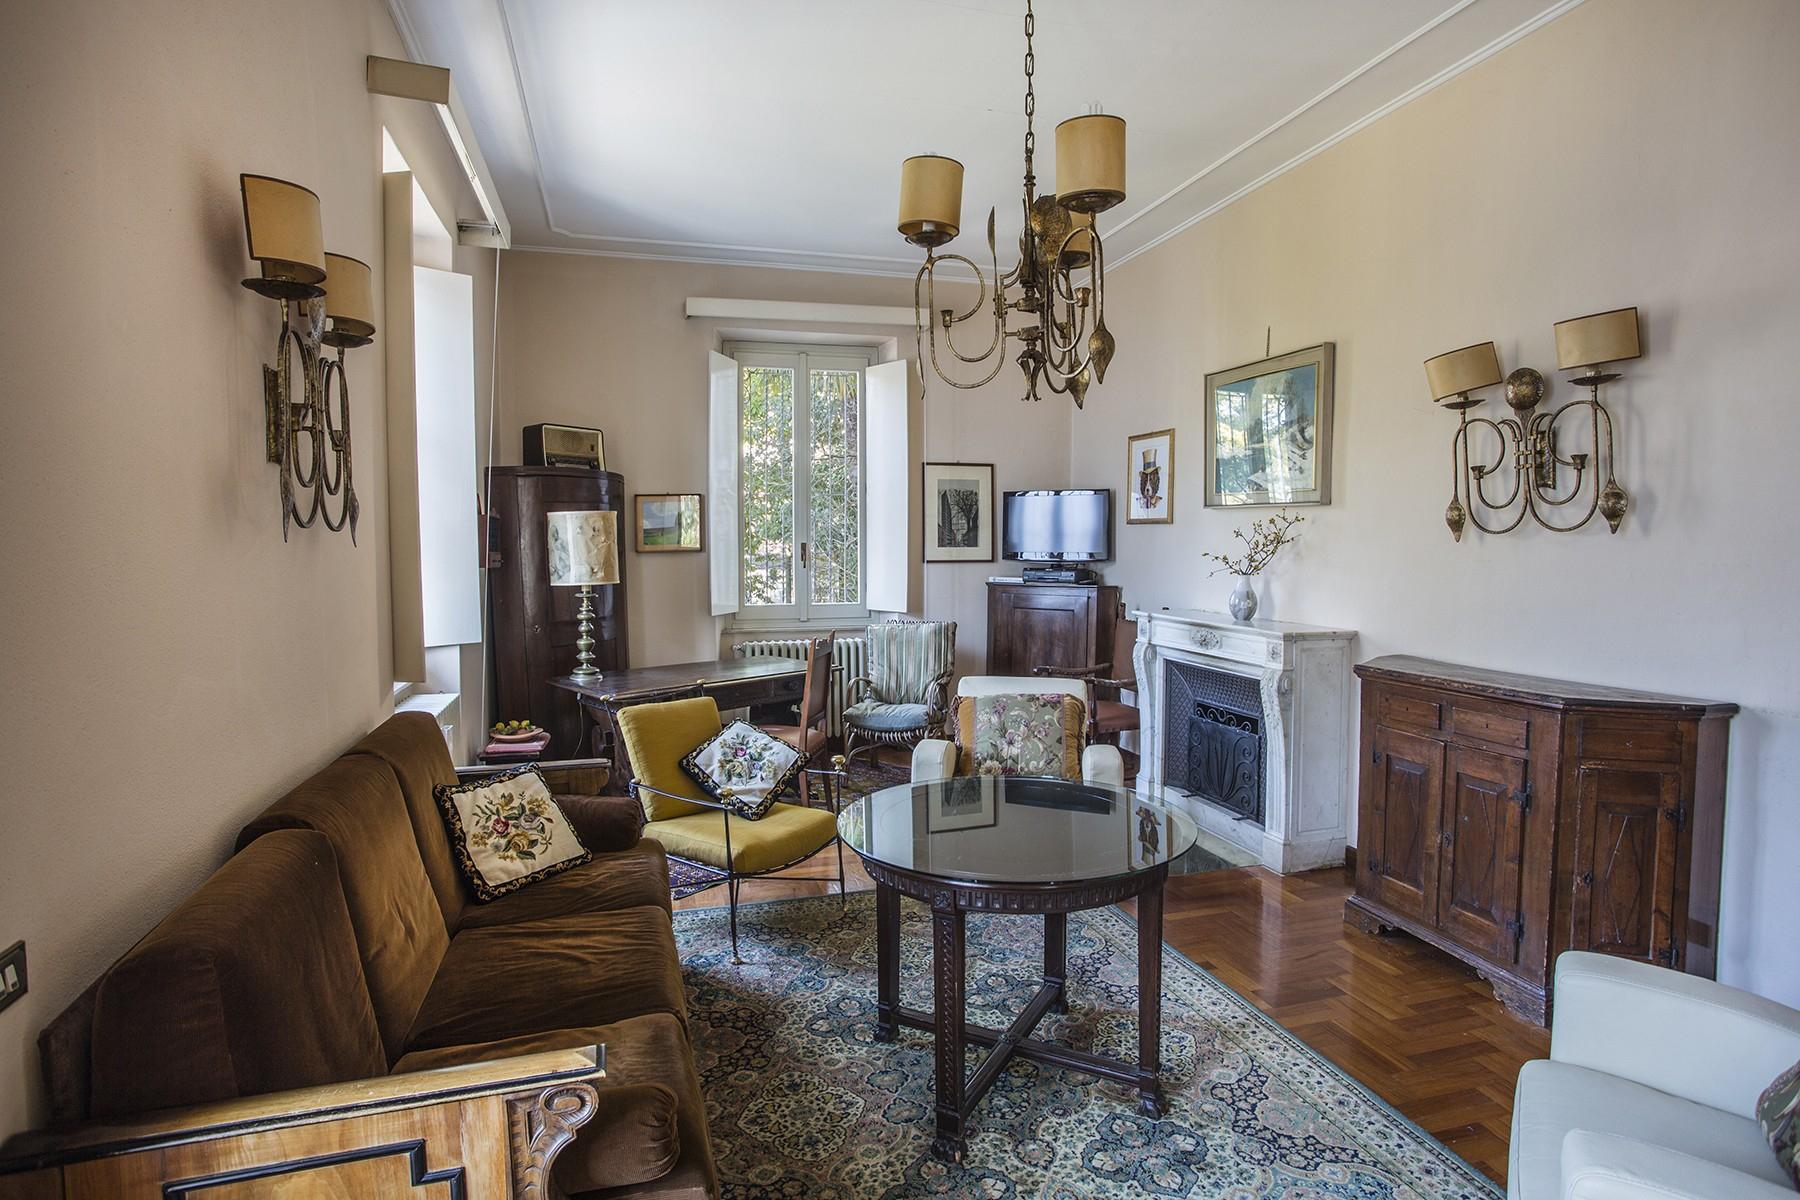 Villa in Vendita a Nesso: 5 locali, 250 mq - Foto 12